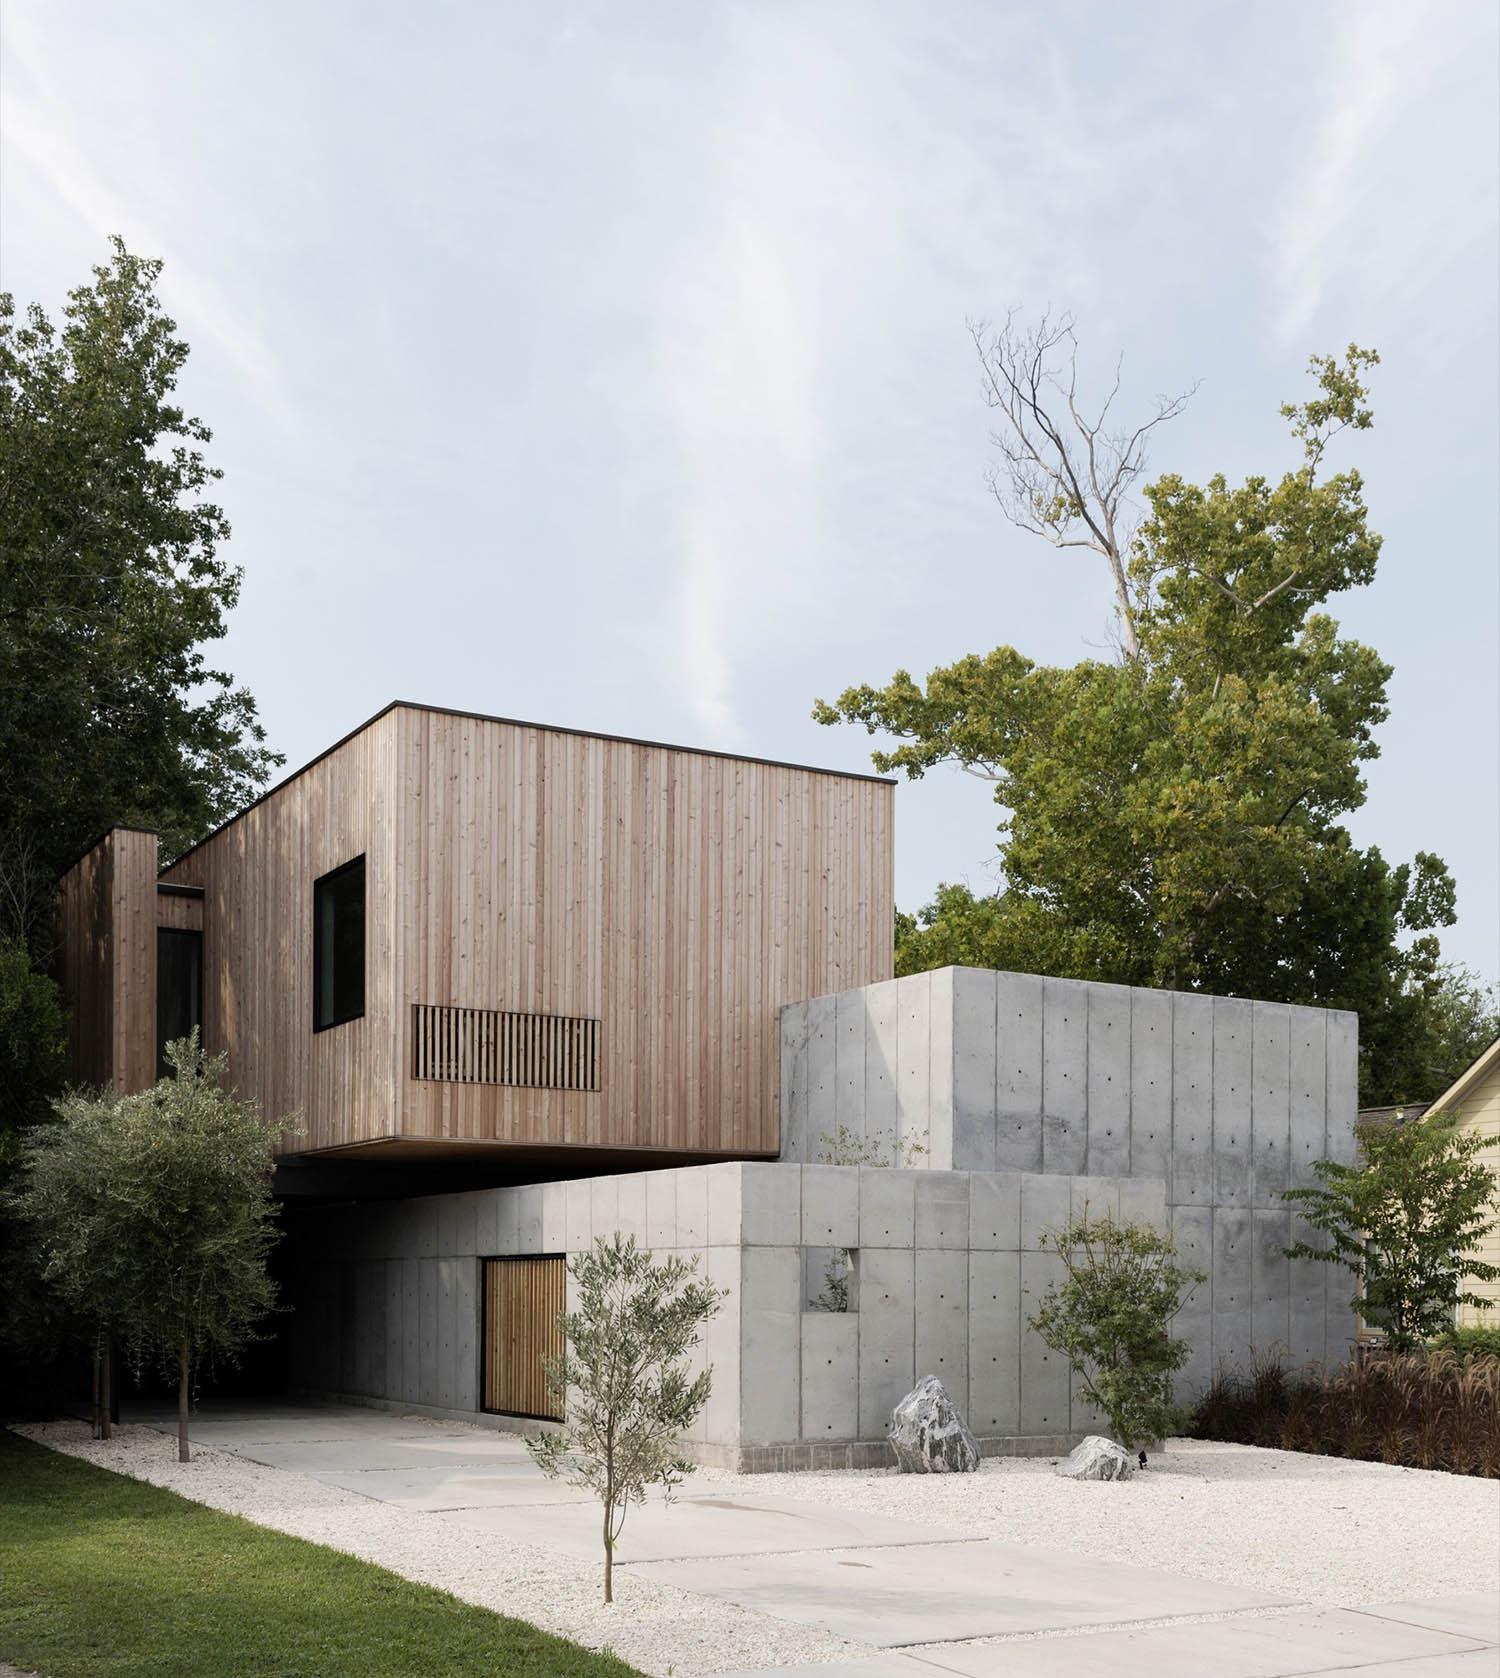 iGNANT_Architecture_Robertson_Design_Concrete_Box_House_1